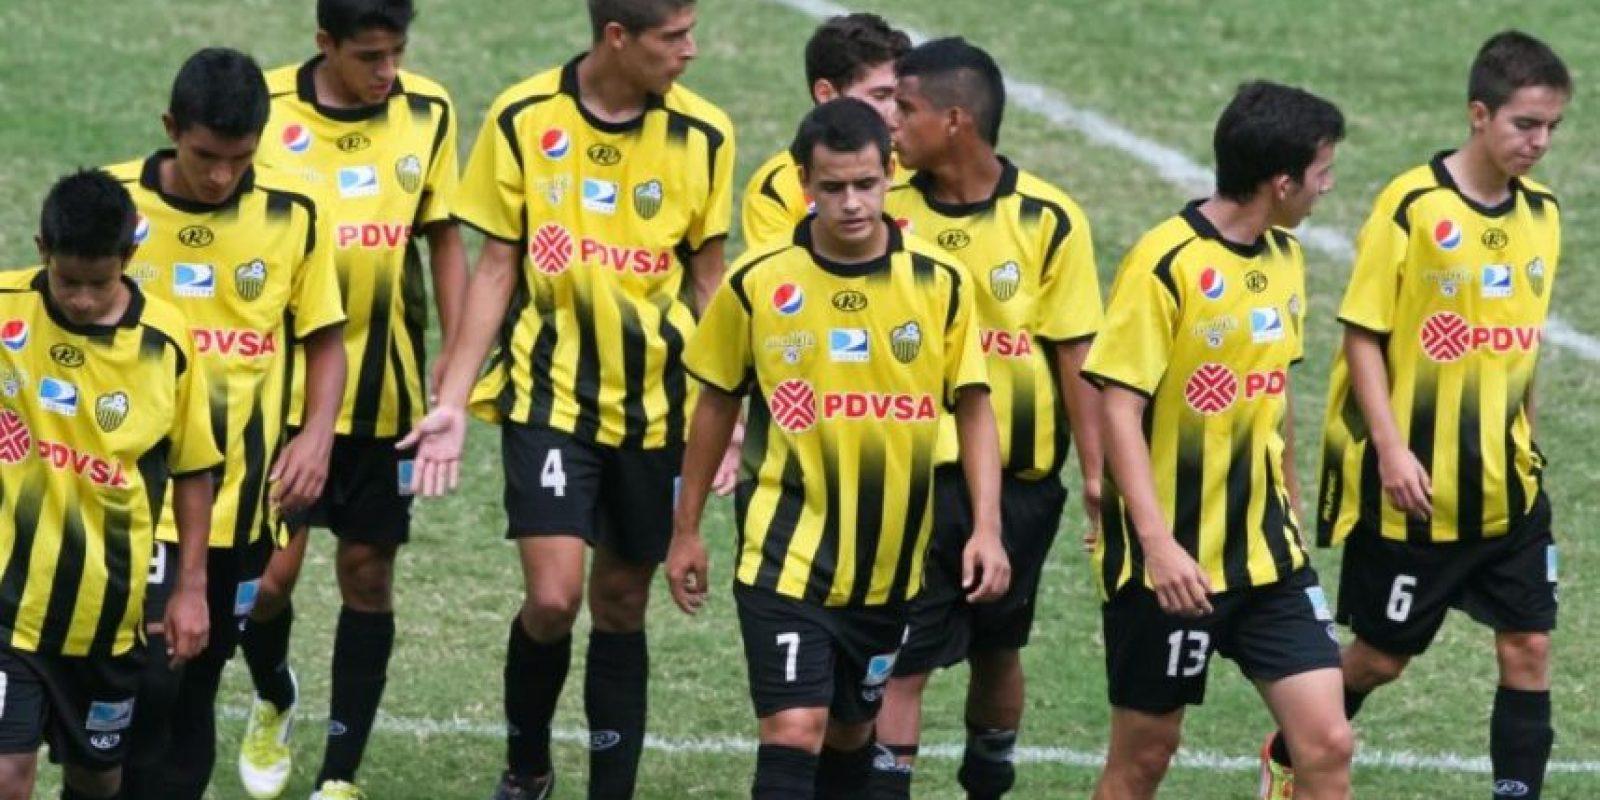 Ningún equipo venezolano había logrado esa hazaña desde que se instauró la primera fase en 2005 Foto:Twitter: @lexis_ivan